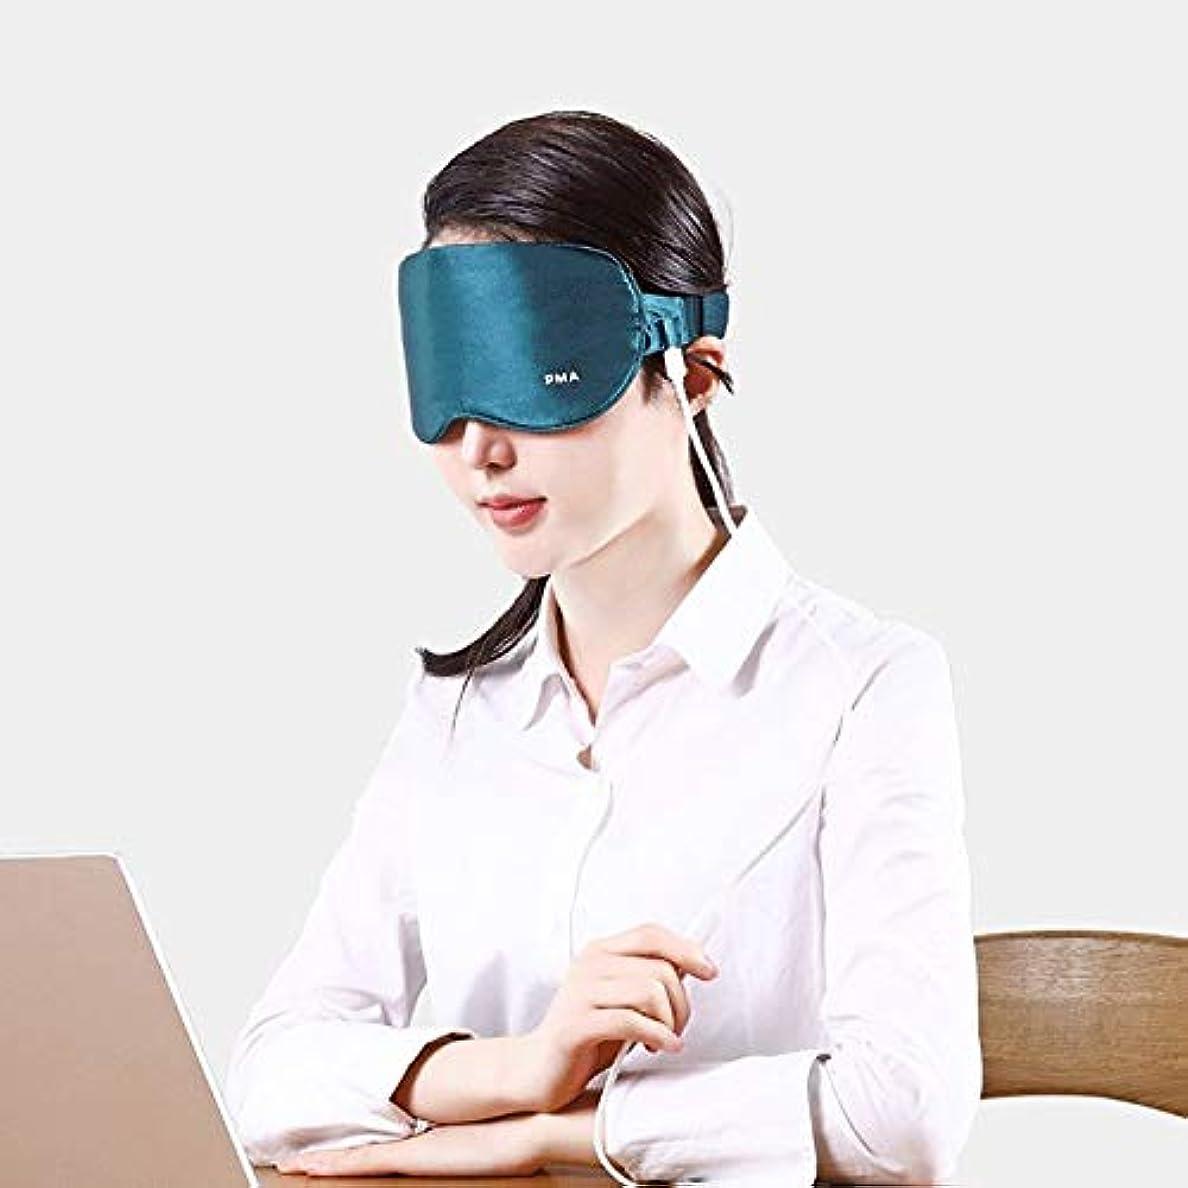 温かい投獄グラマーNOTE グスタラ睡眠アイマスク発熱シルク目隠し用アイケアツール睡眠マスク自動電源オフ調節可能な温度